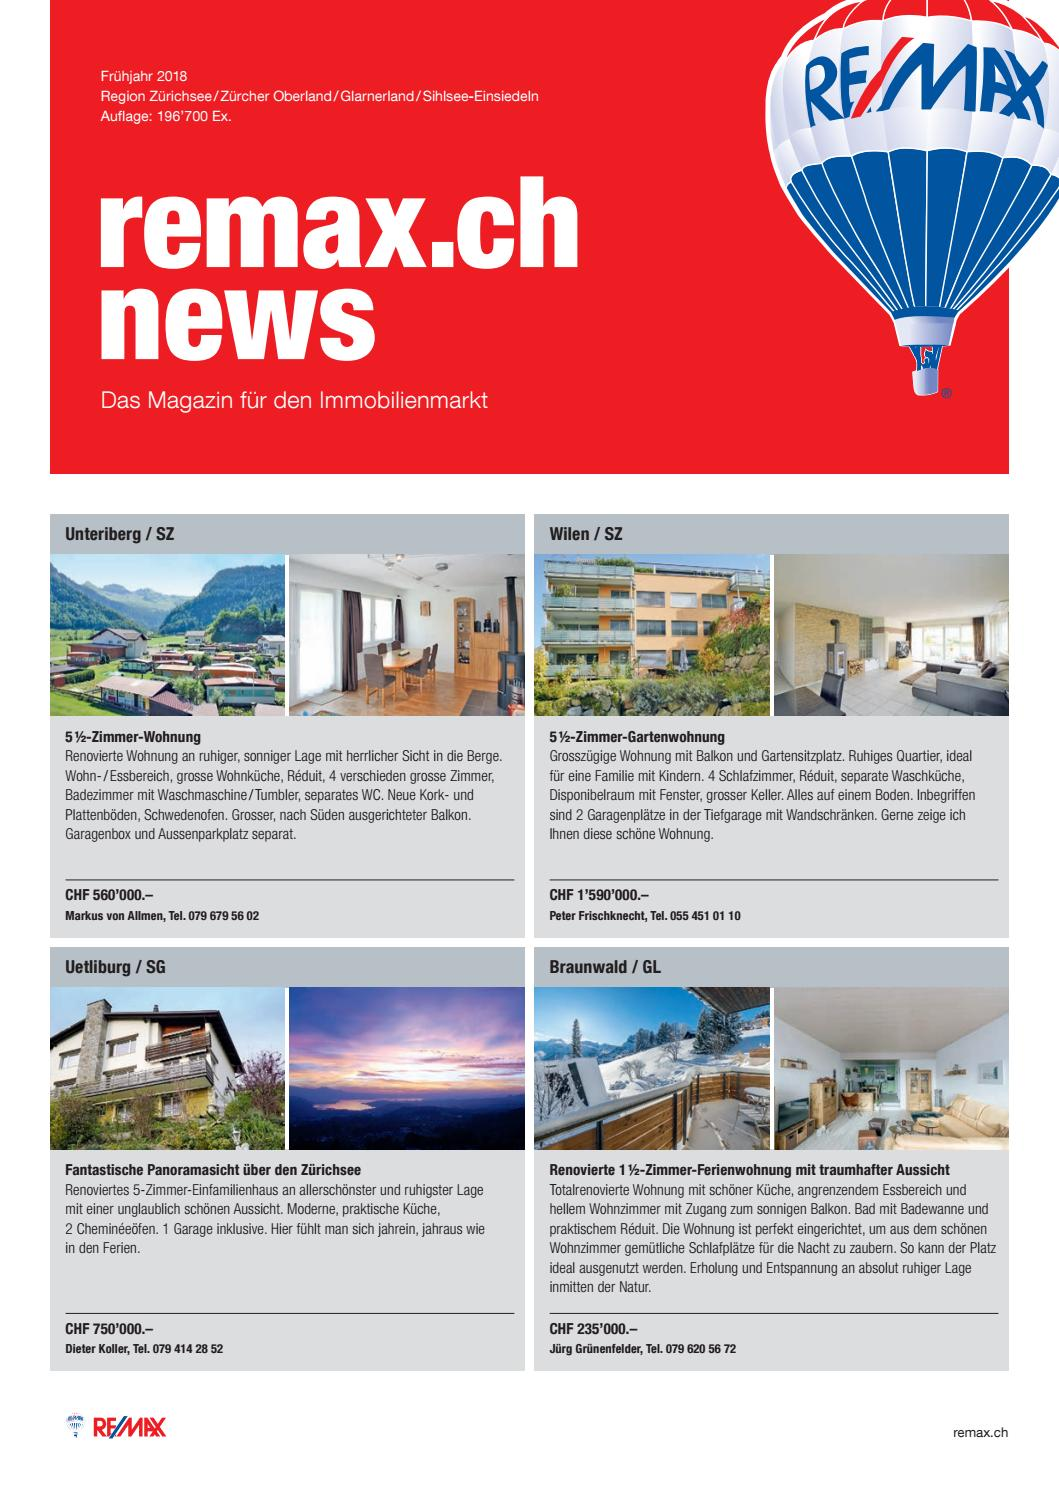 Remax News Zürichsee Frühjahr 2018 By Beni Stocker Issuu